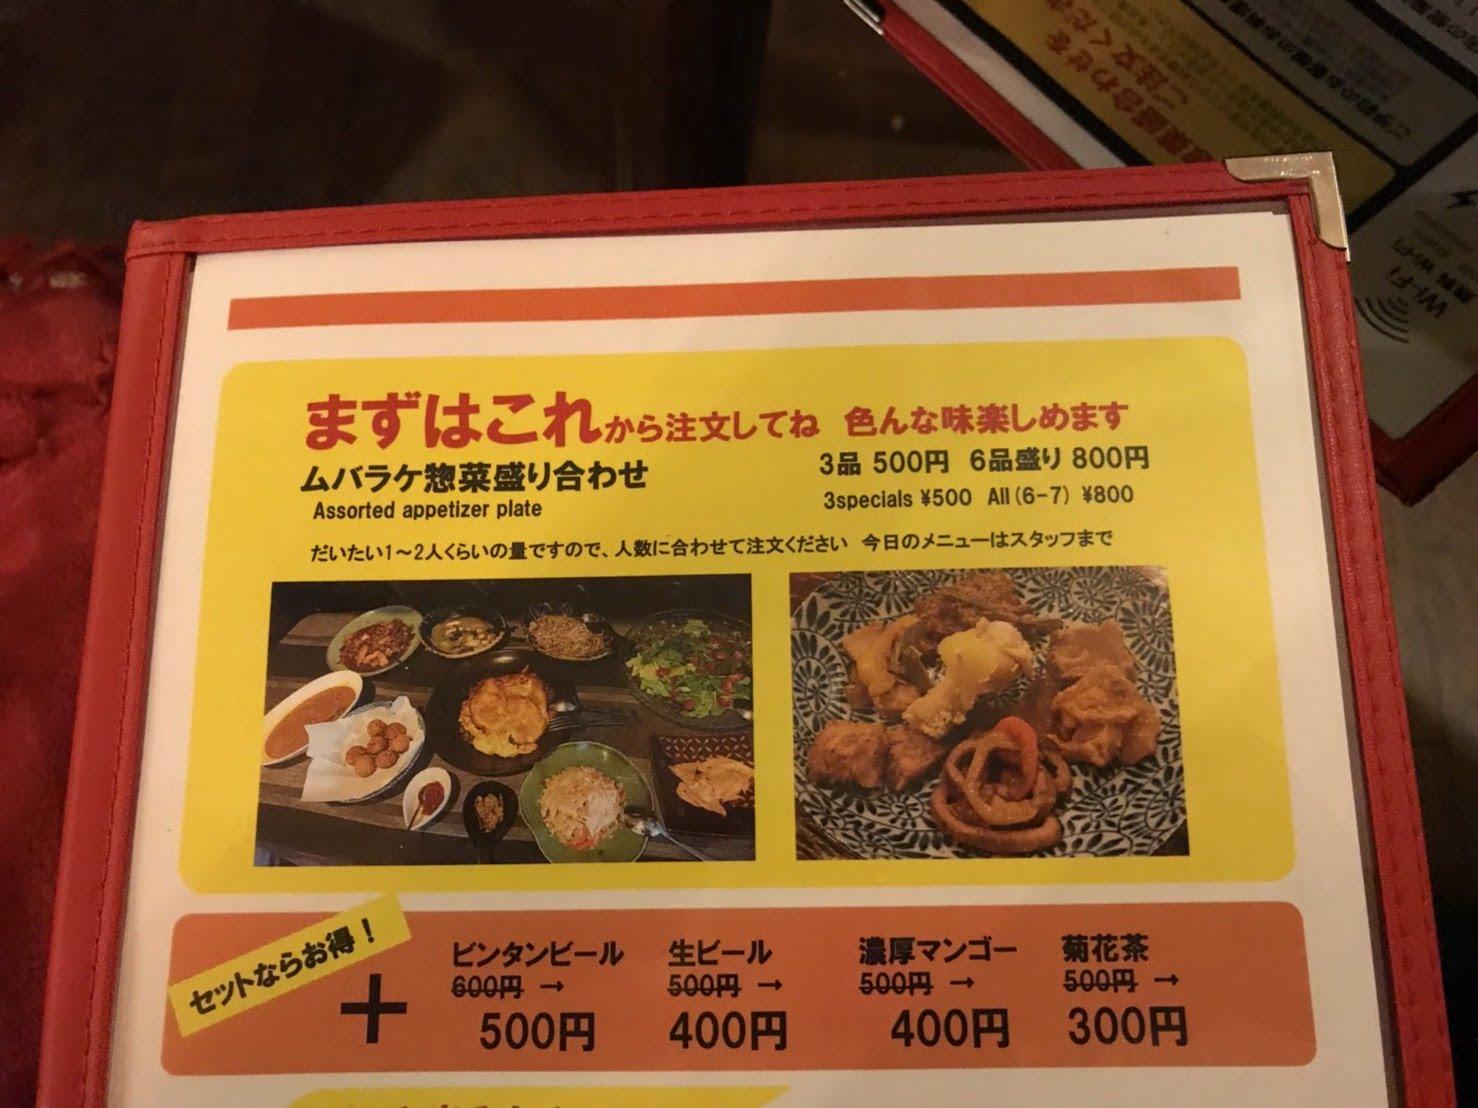 ムバラケ 惣菜盛り合わせ 東南アジア